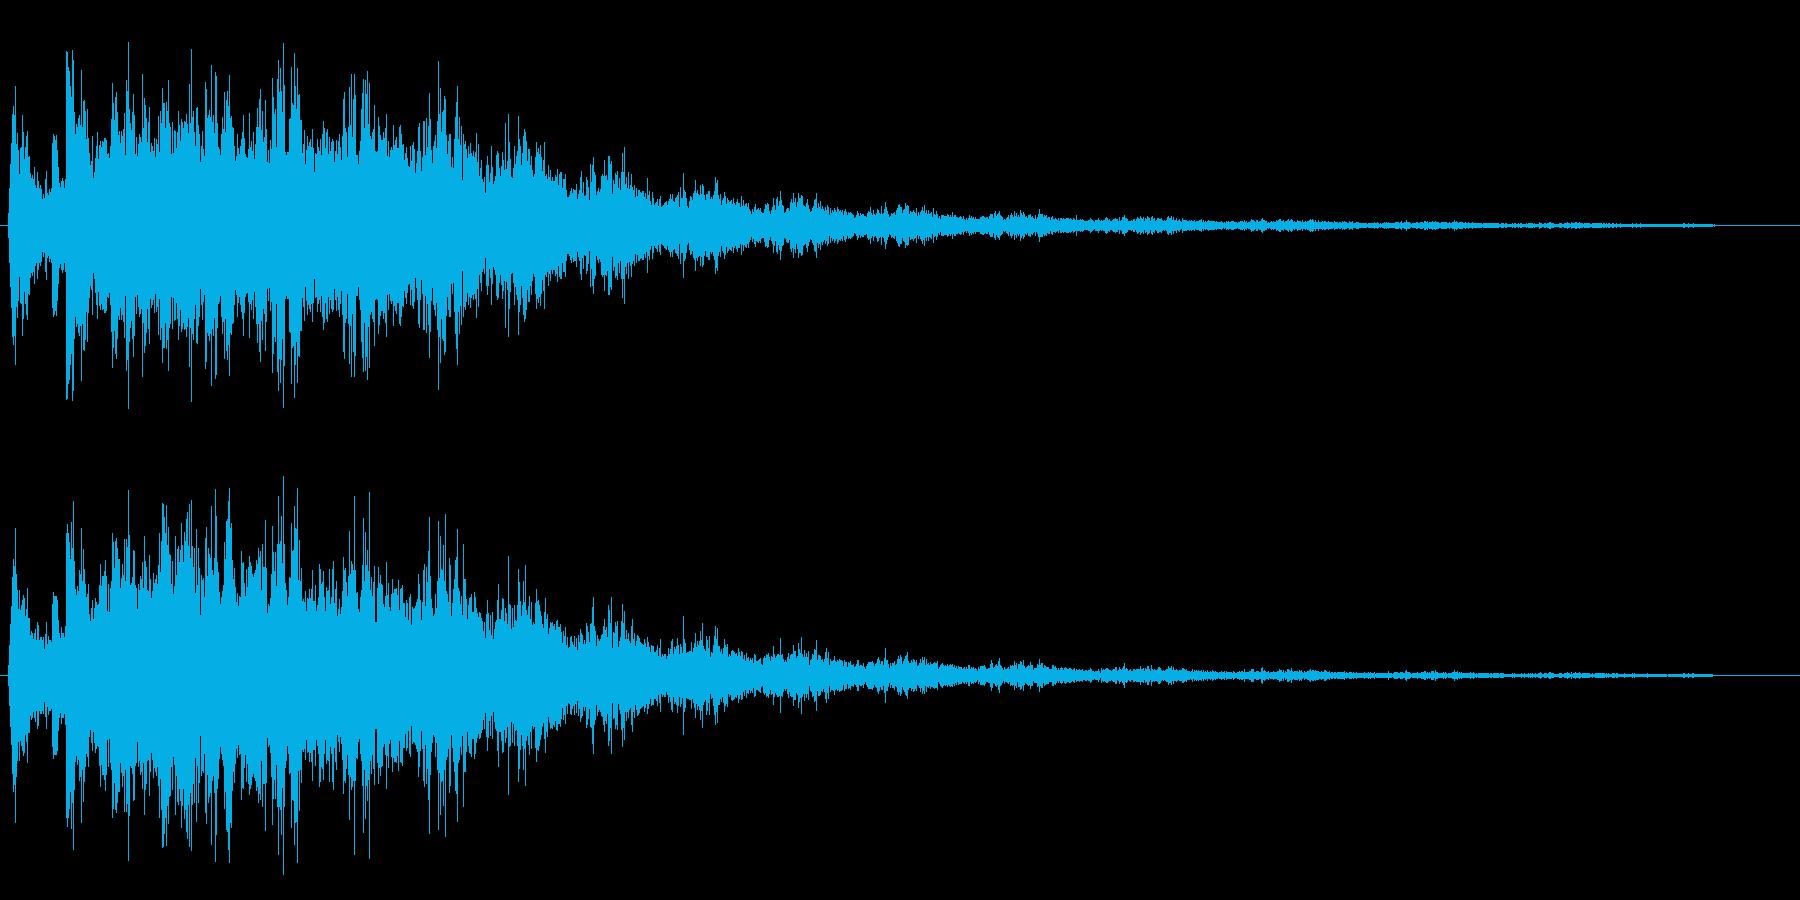 チュルチュル(甲高い擦れあう効果音)の再生済みの波形